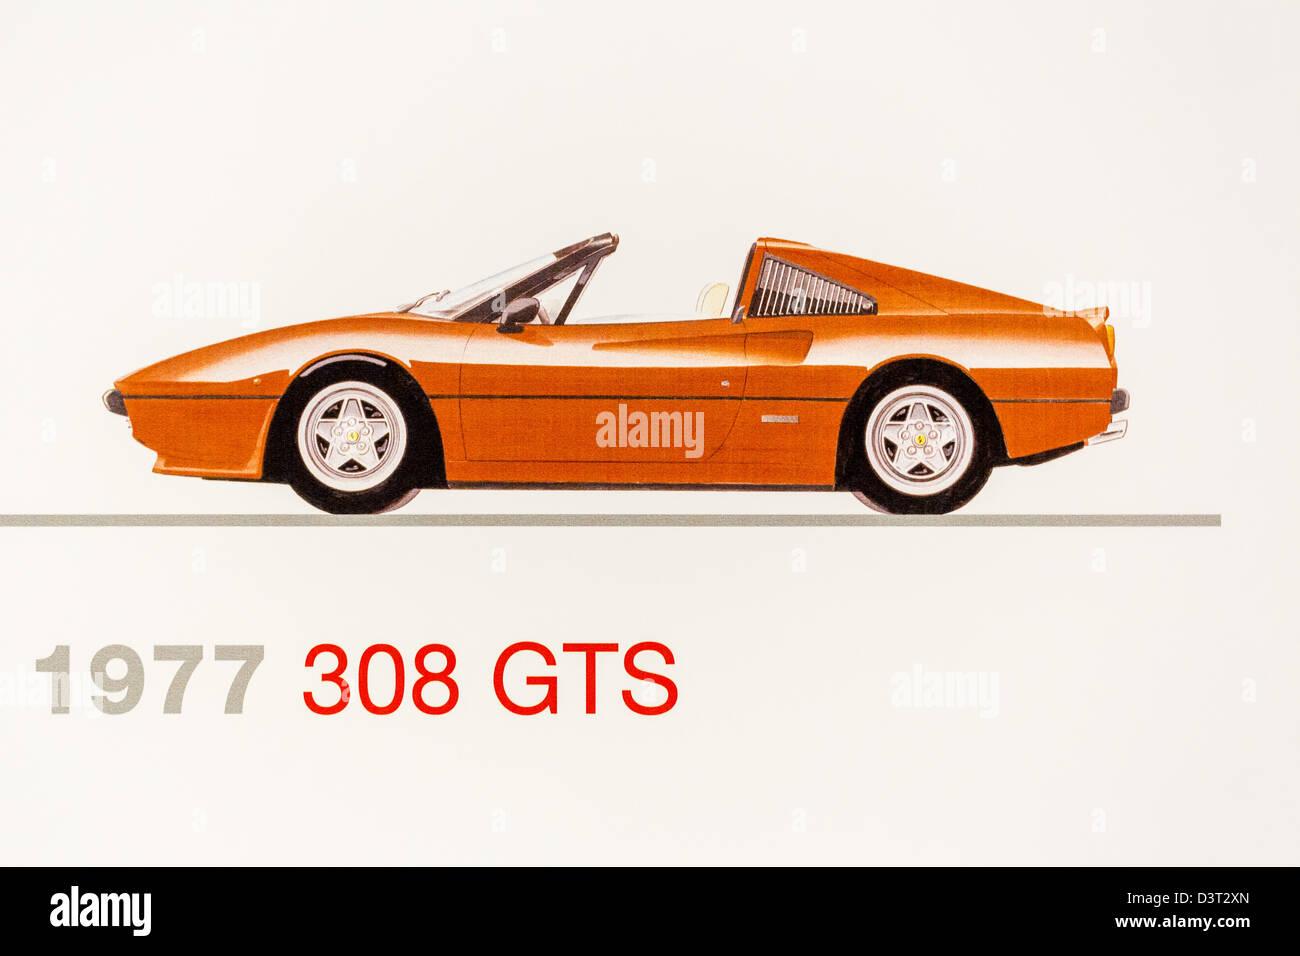 Graphic representation of a 1977 Ferrari 308 GTS, Ferrari Museum, Maranello, Italy - Stock Image